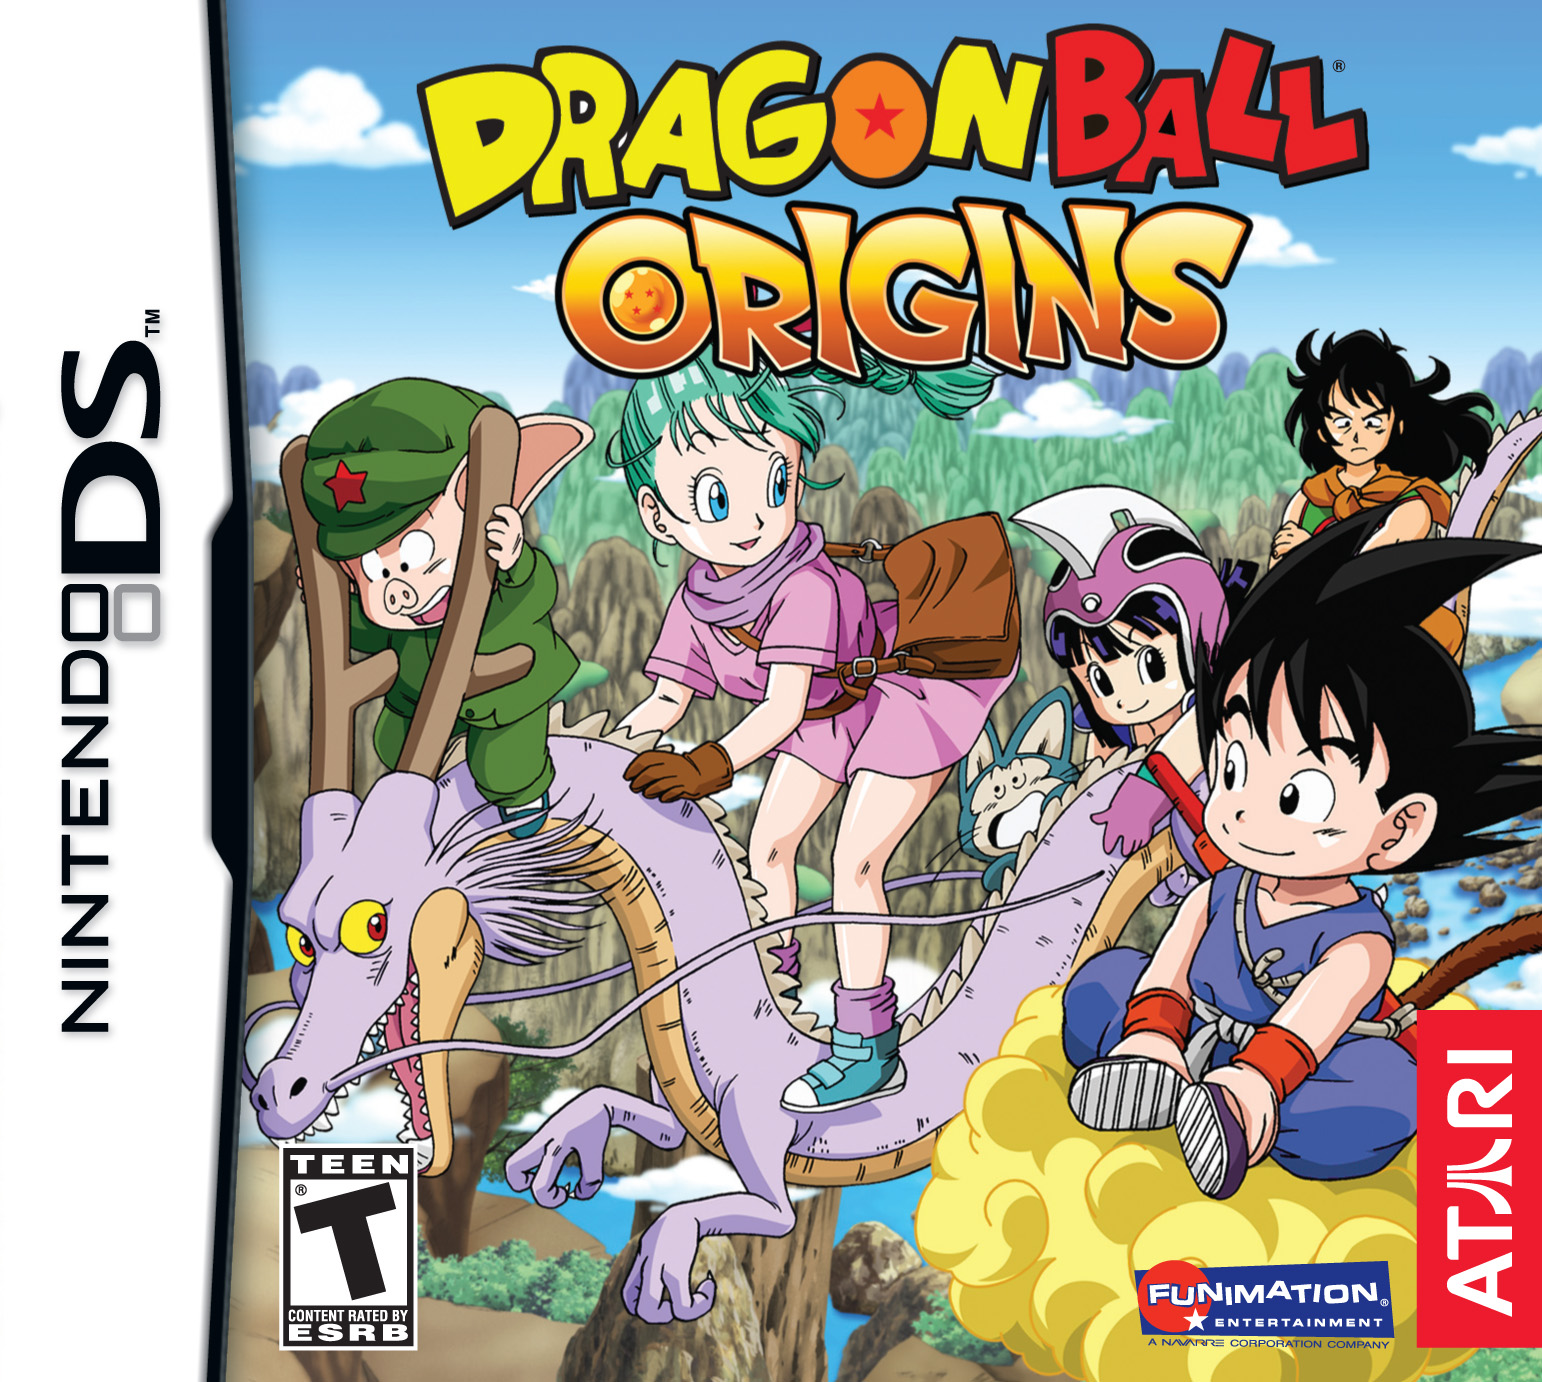 Dragon Ball Orgins [EUR] [Español] [PC + Emulador] [NDS]